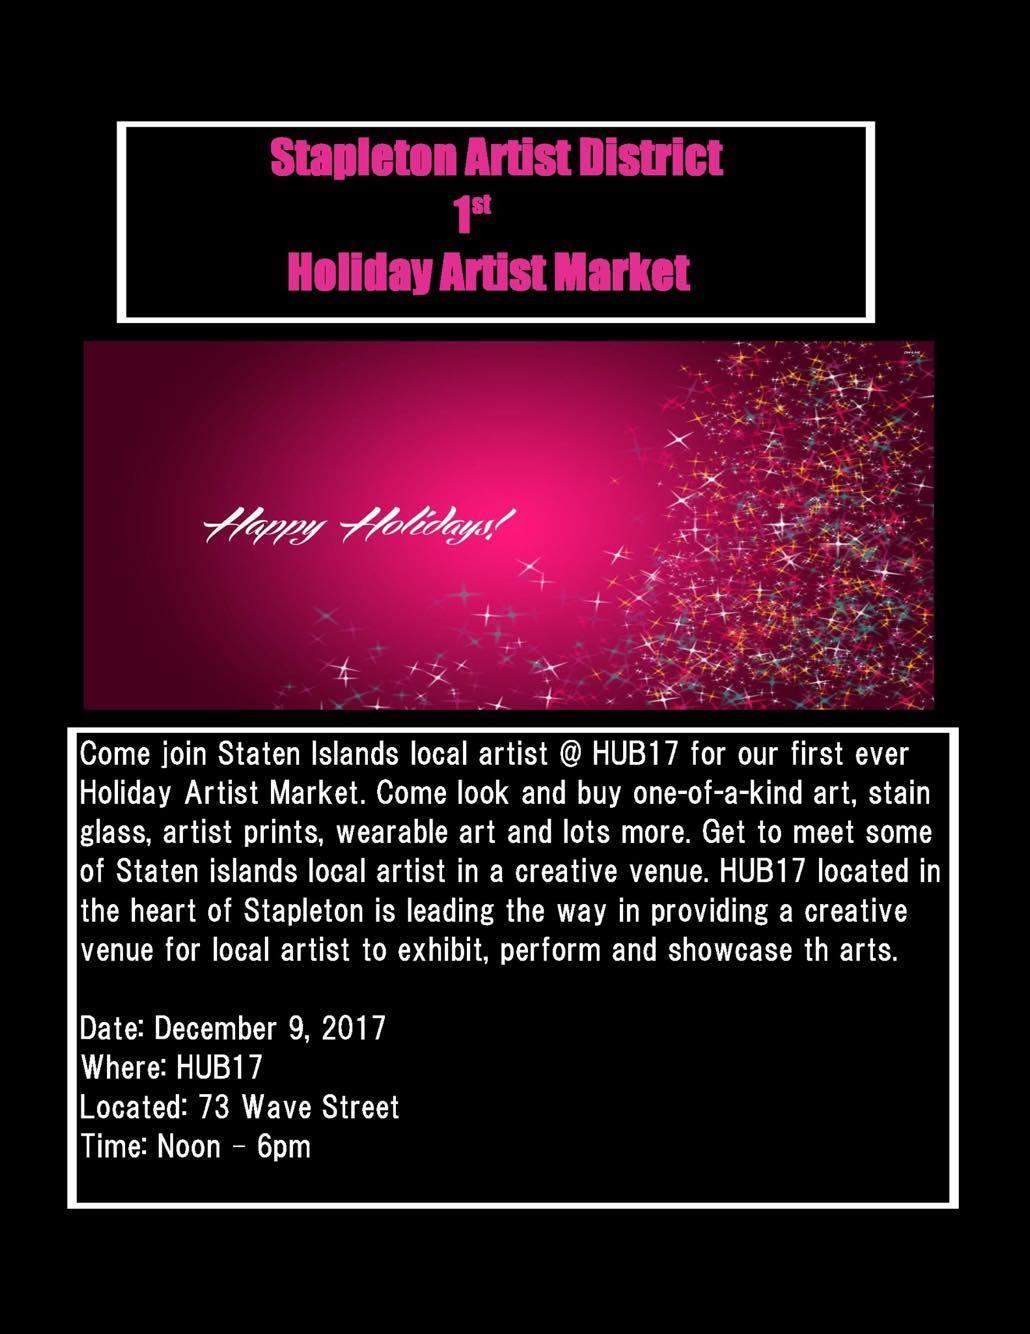 artist market.jpg